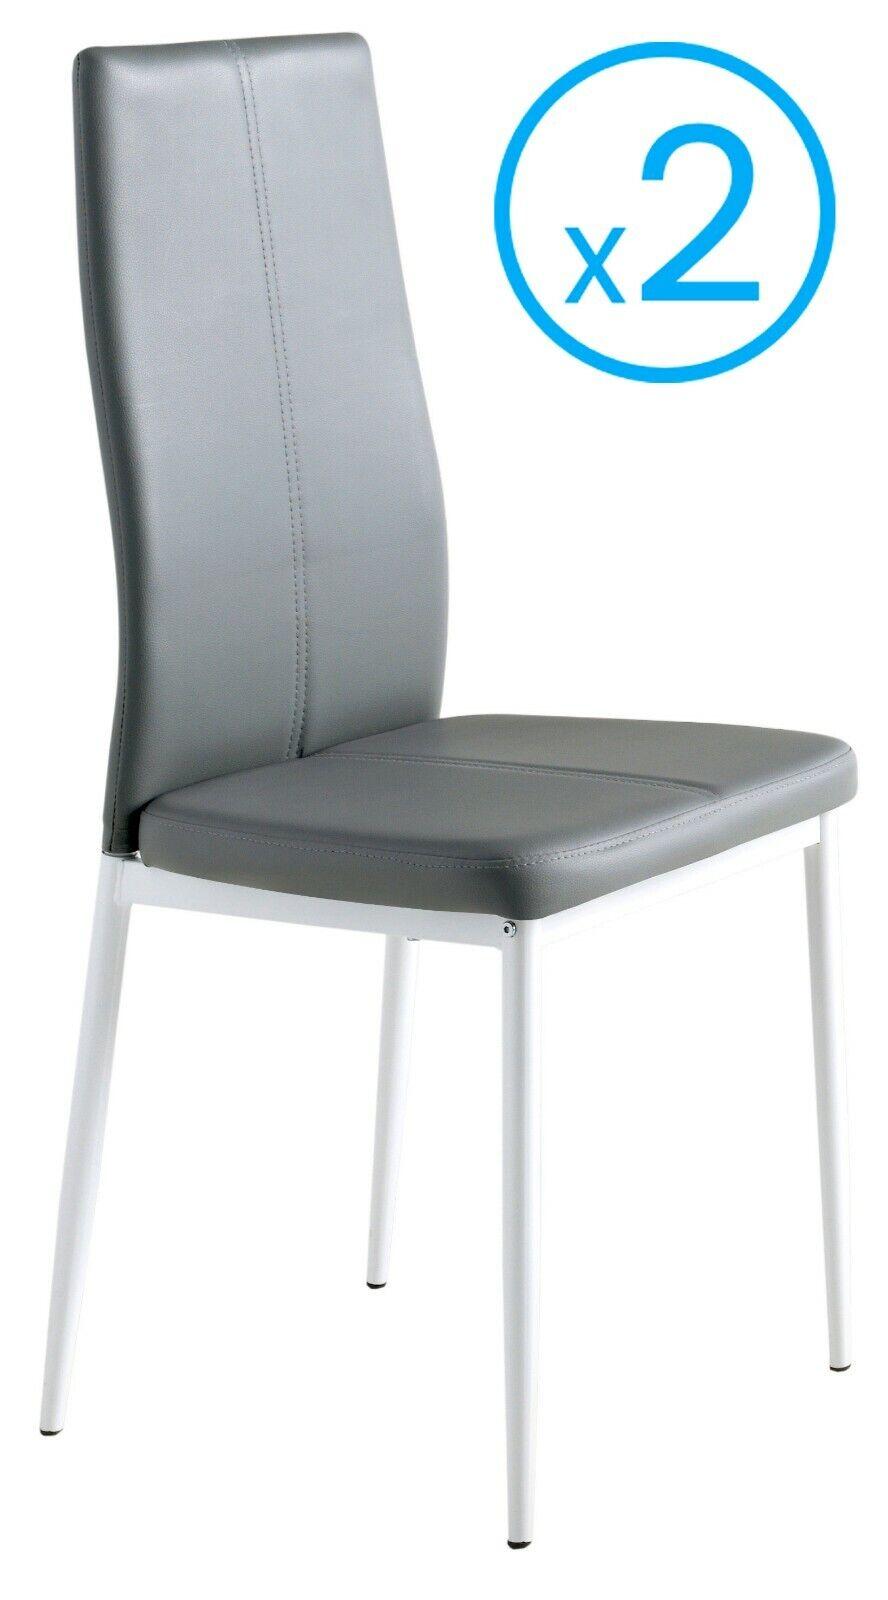 Detalles de 2 sillas polipiel color gris Sora comodas estilo moderno  comedor salon 98x42x47